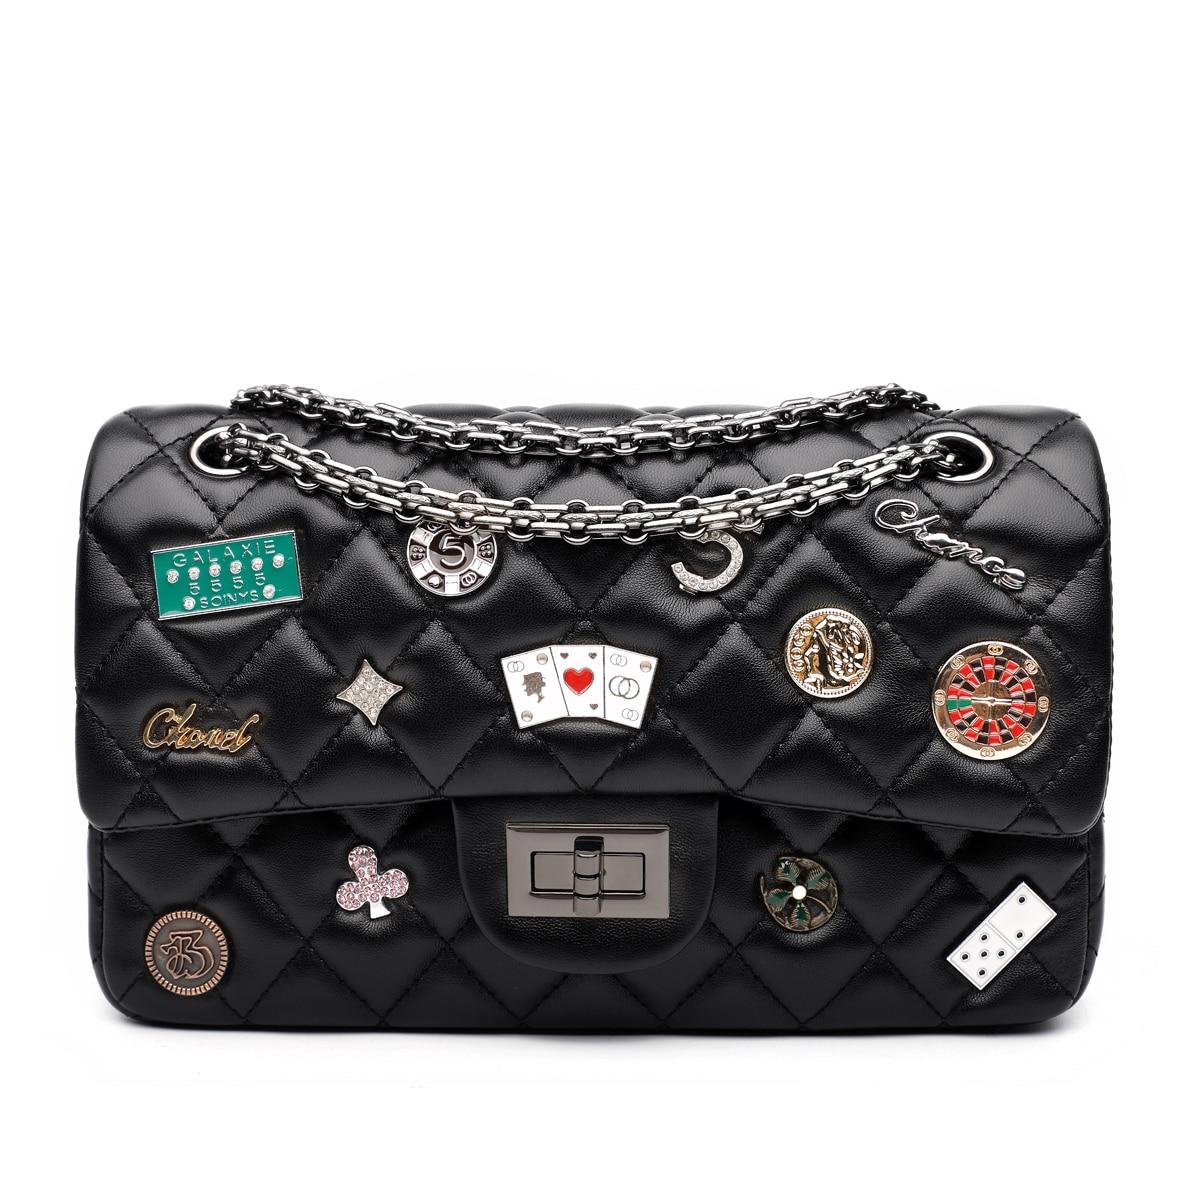 3543437e7bcd Высокое качество малый Дамы Сумка кожаная сумки на плечо Для женщин сумка  для девочки бренд Для